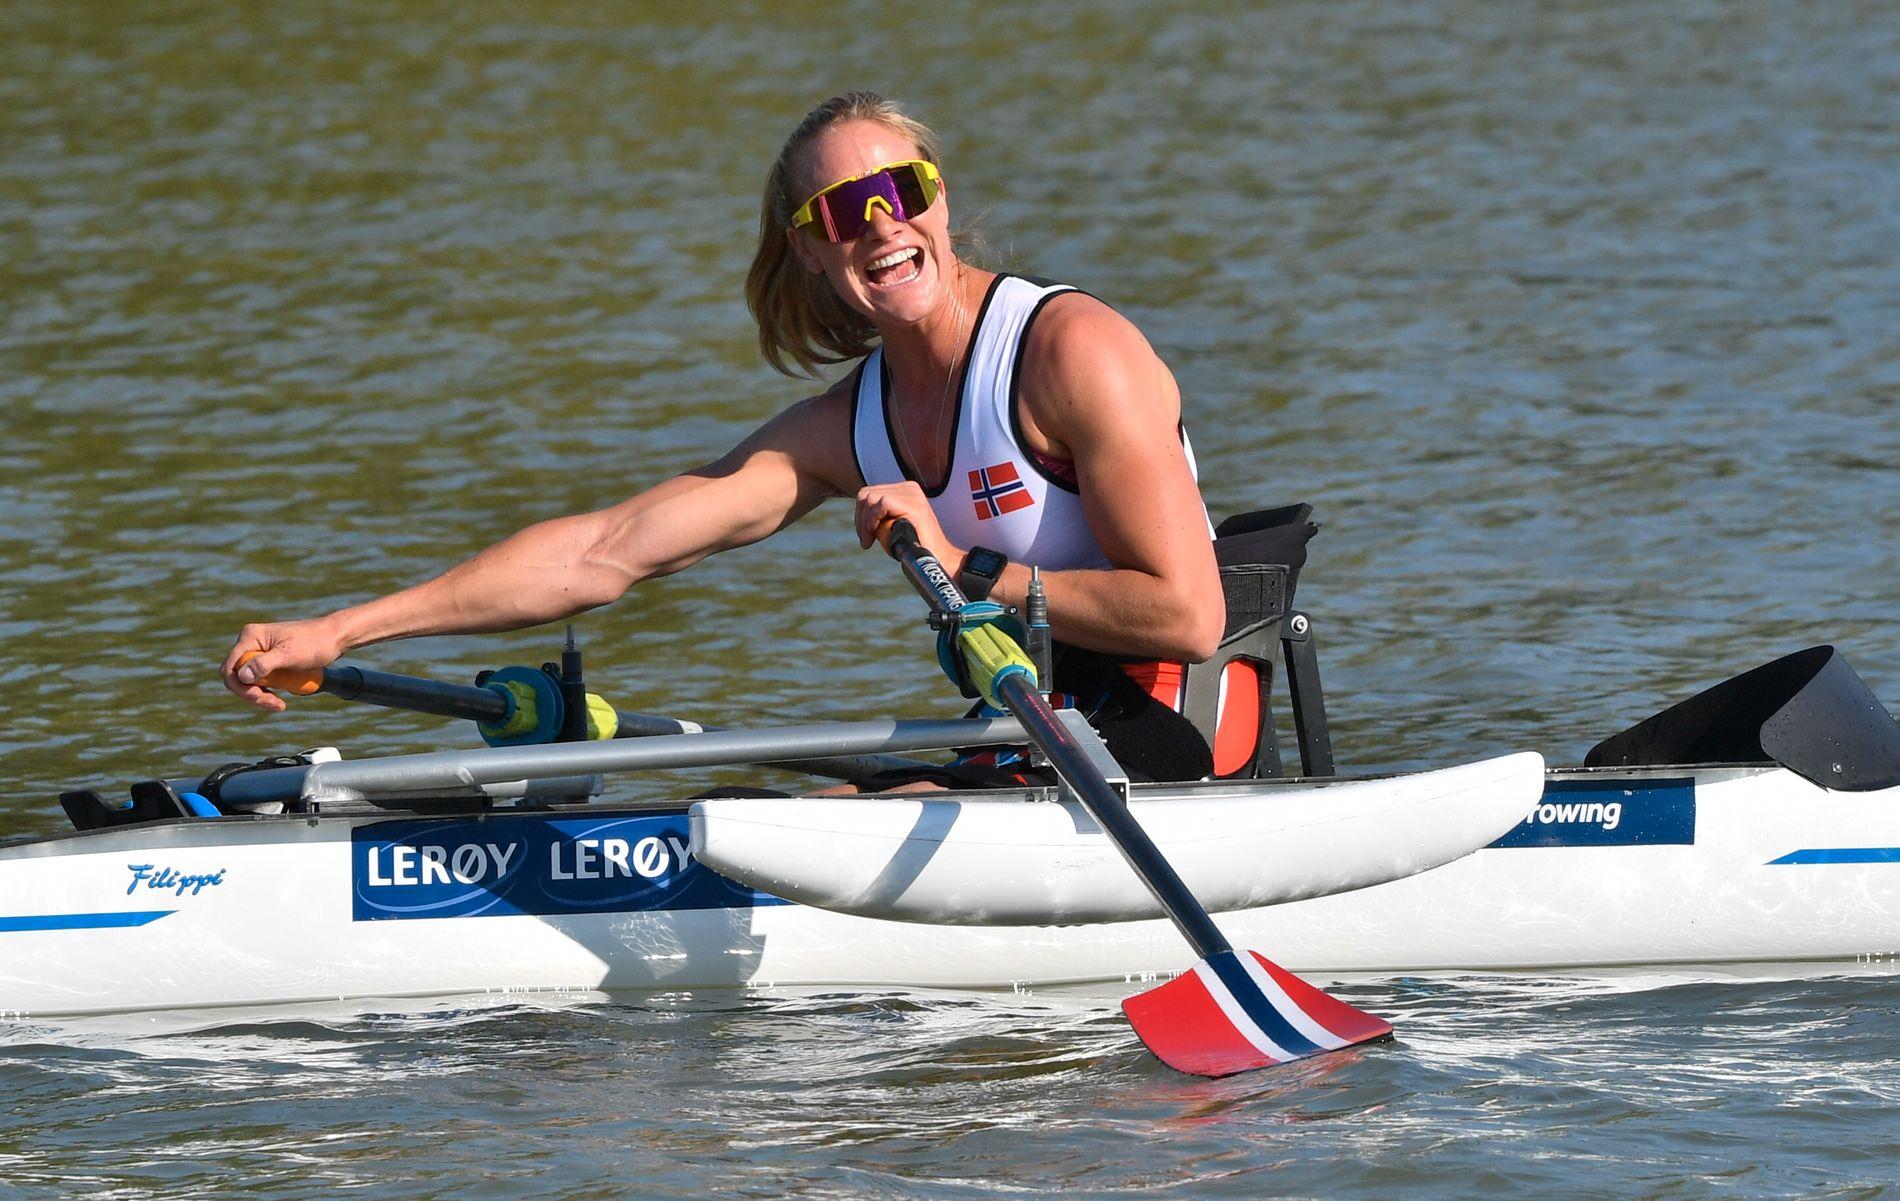 FAVORITT: Birgit Skarstein var klart best i forsøksheatet. Søndag ror hun VM-finalen.